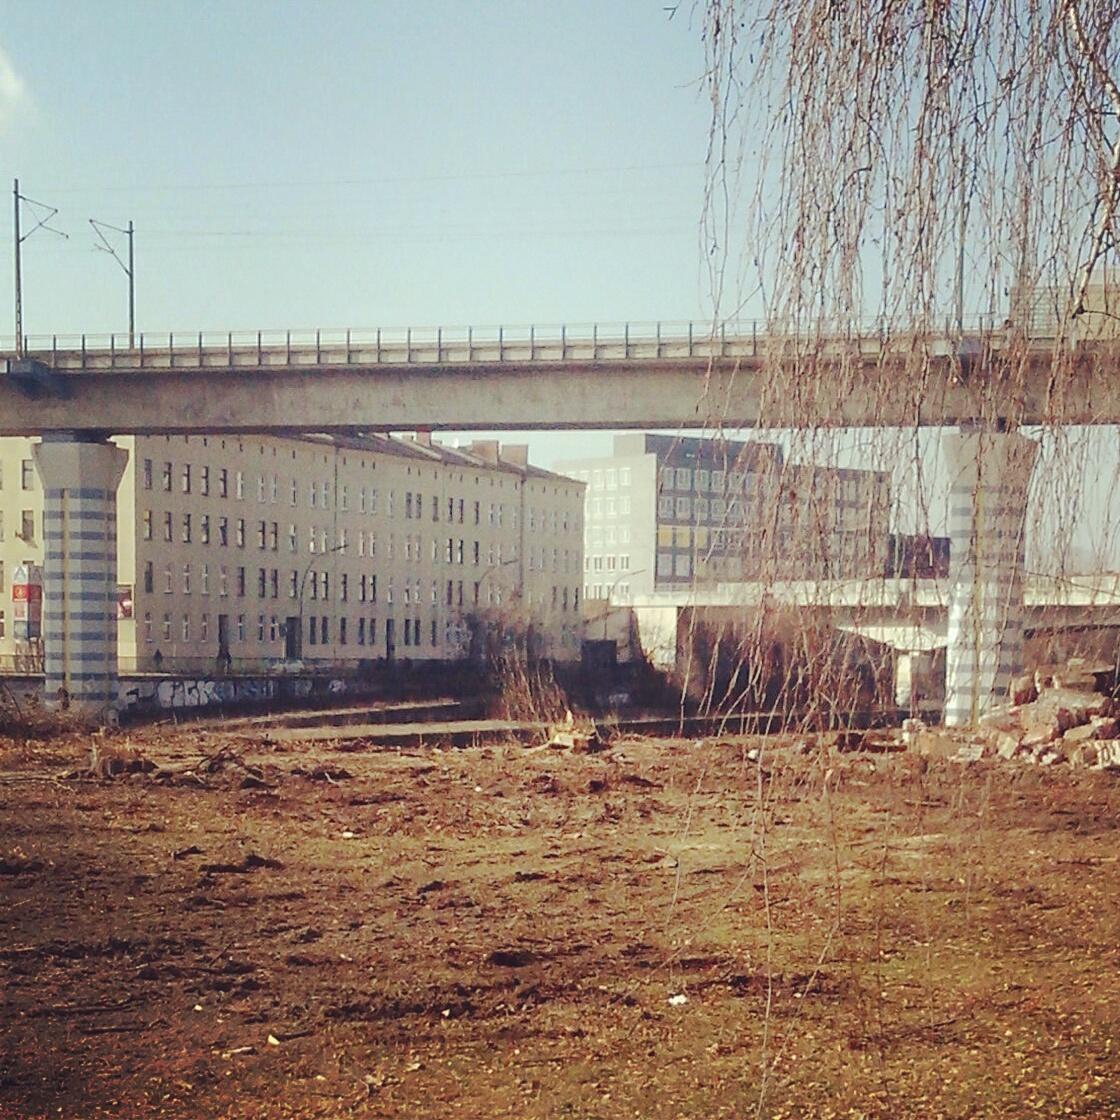 Bauvorbereitende Maßnahmen am Kanalufer